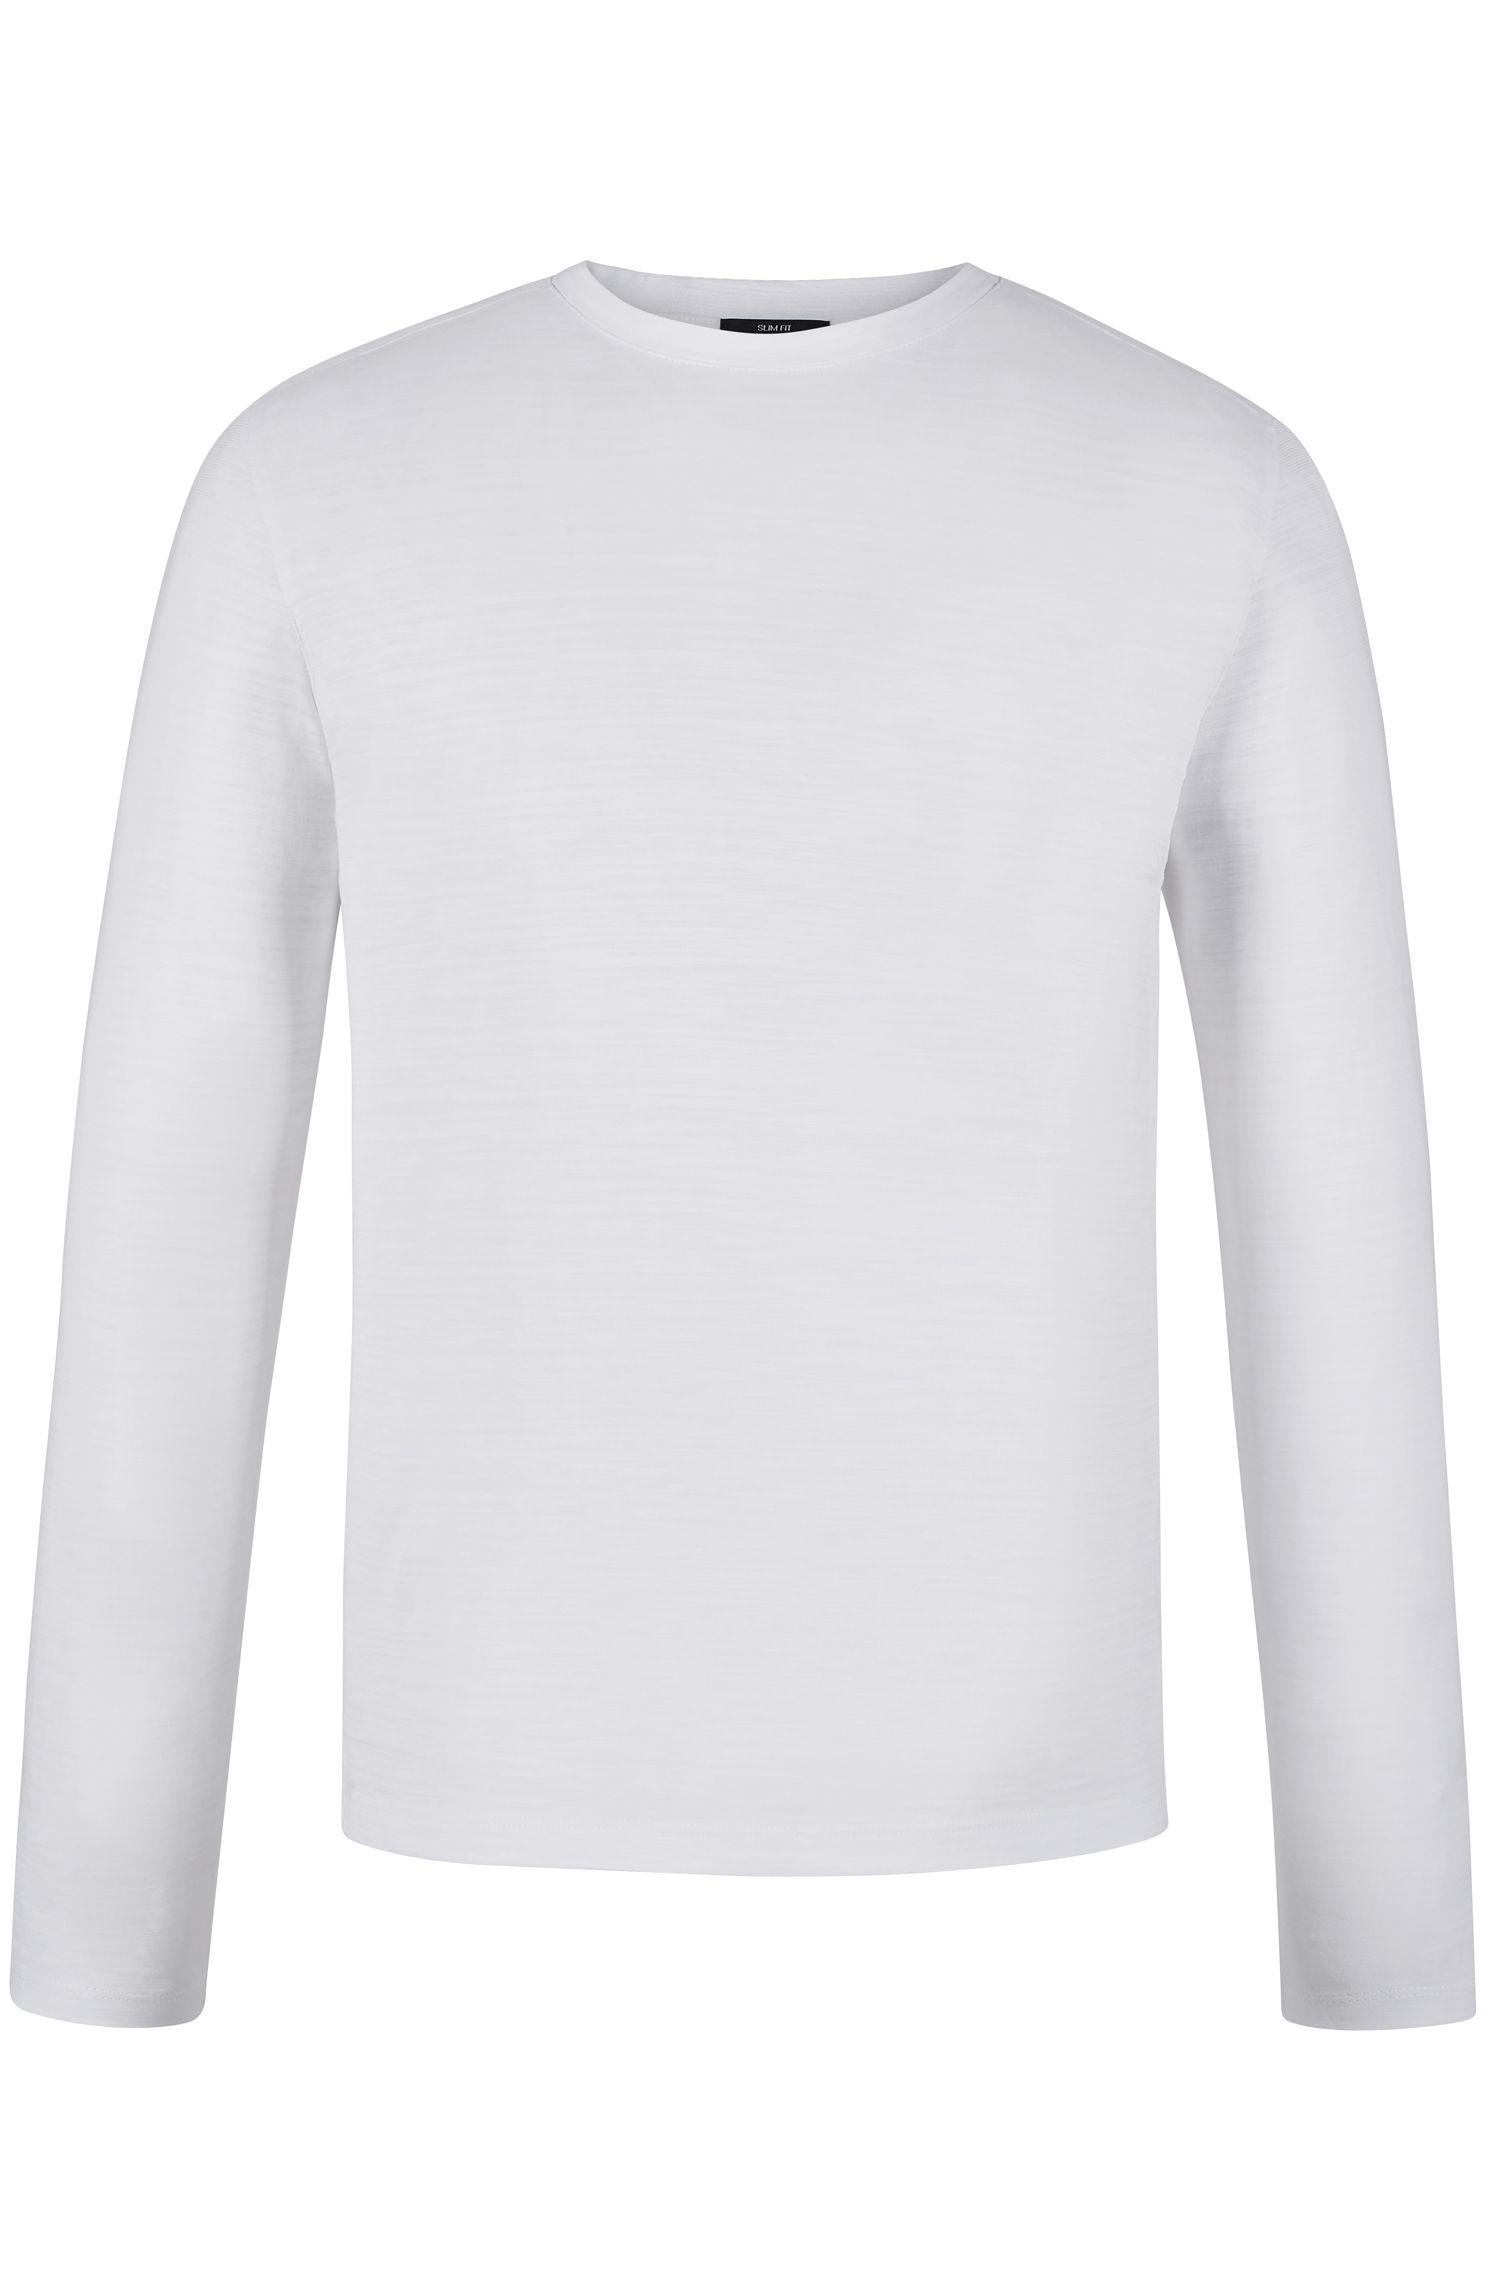 'Tenison'   Slim Fit, Cotton T-Shirt